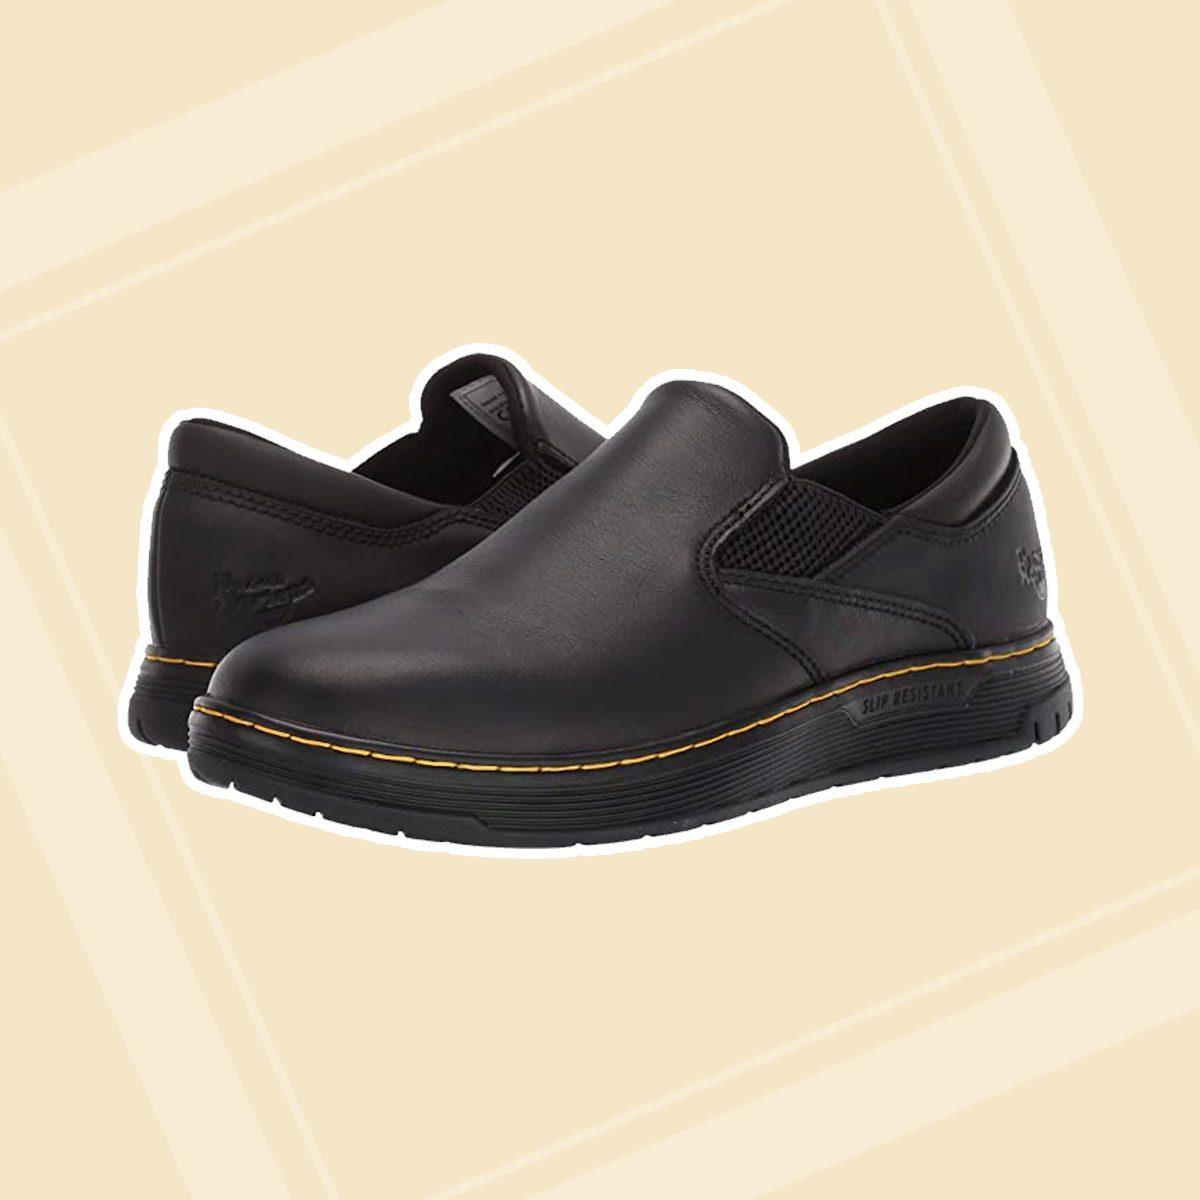 Dr. Martens Brockley Slip Resistant